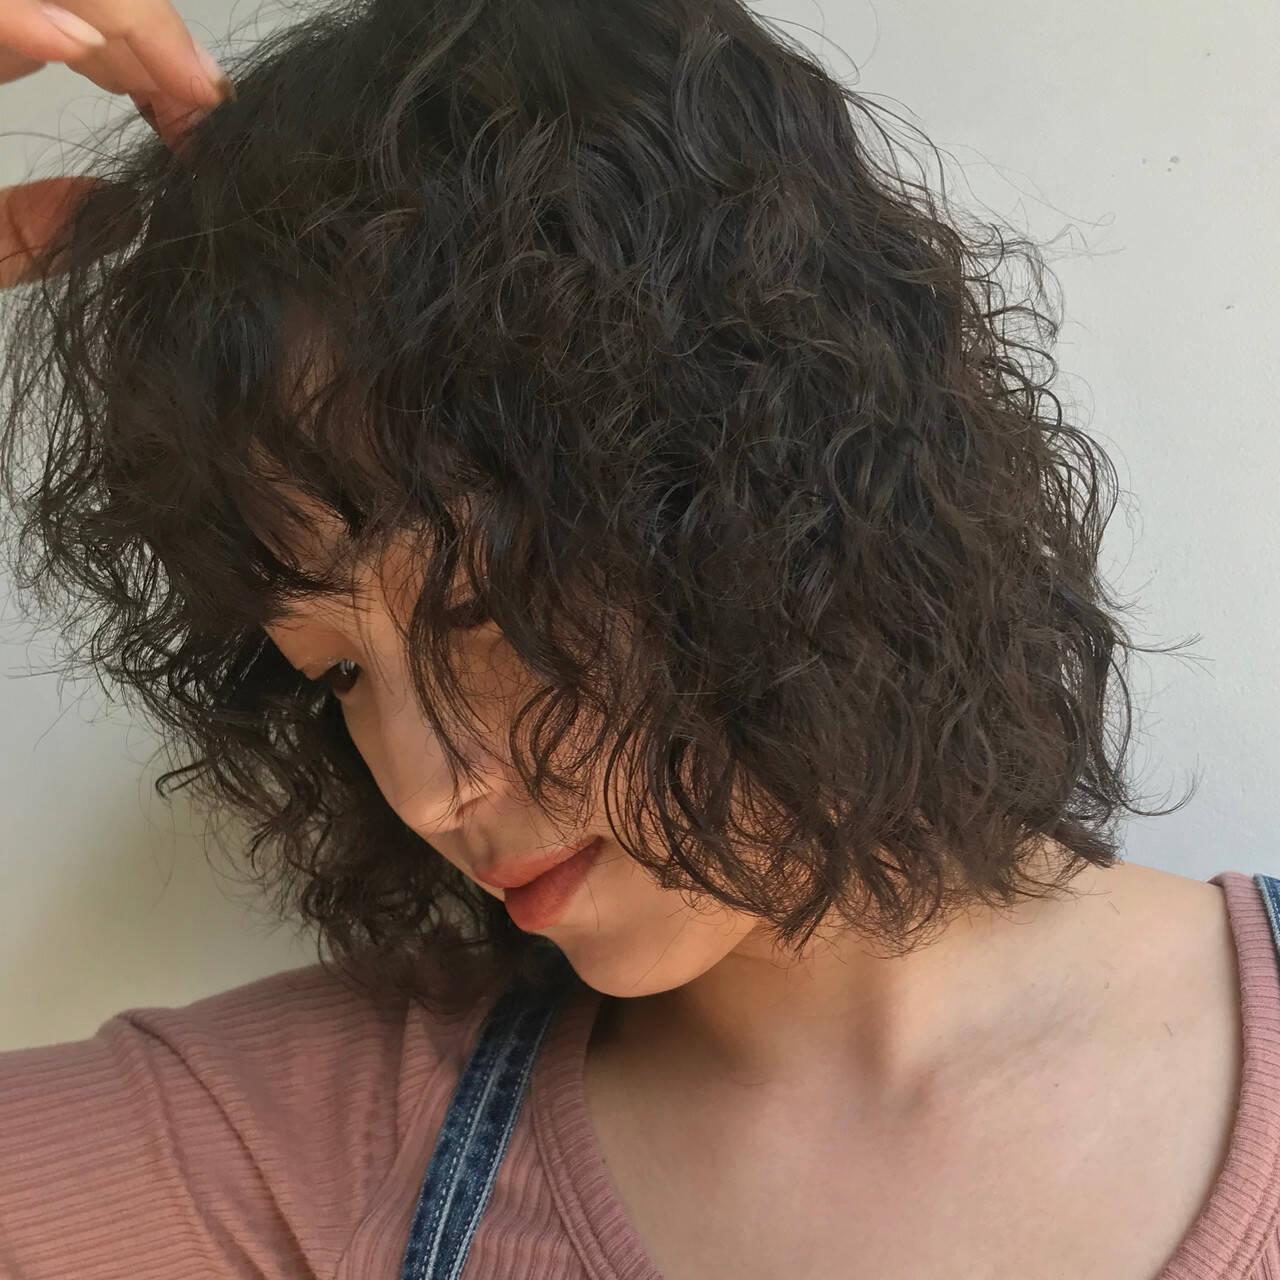 ゆるふわパーマ 大人かわいい くせ毛風 パーマヘアスタイルや髪型の写真・画像